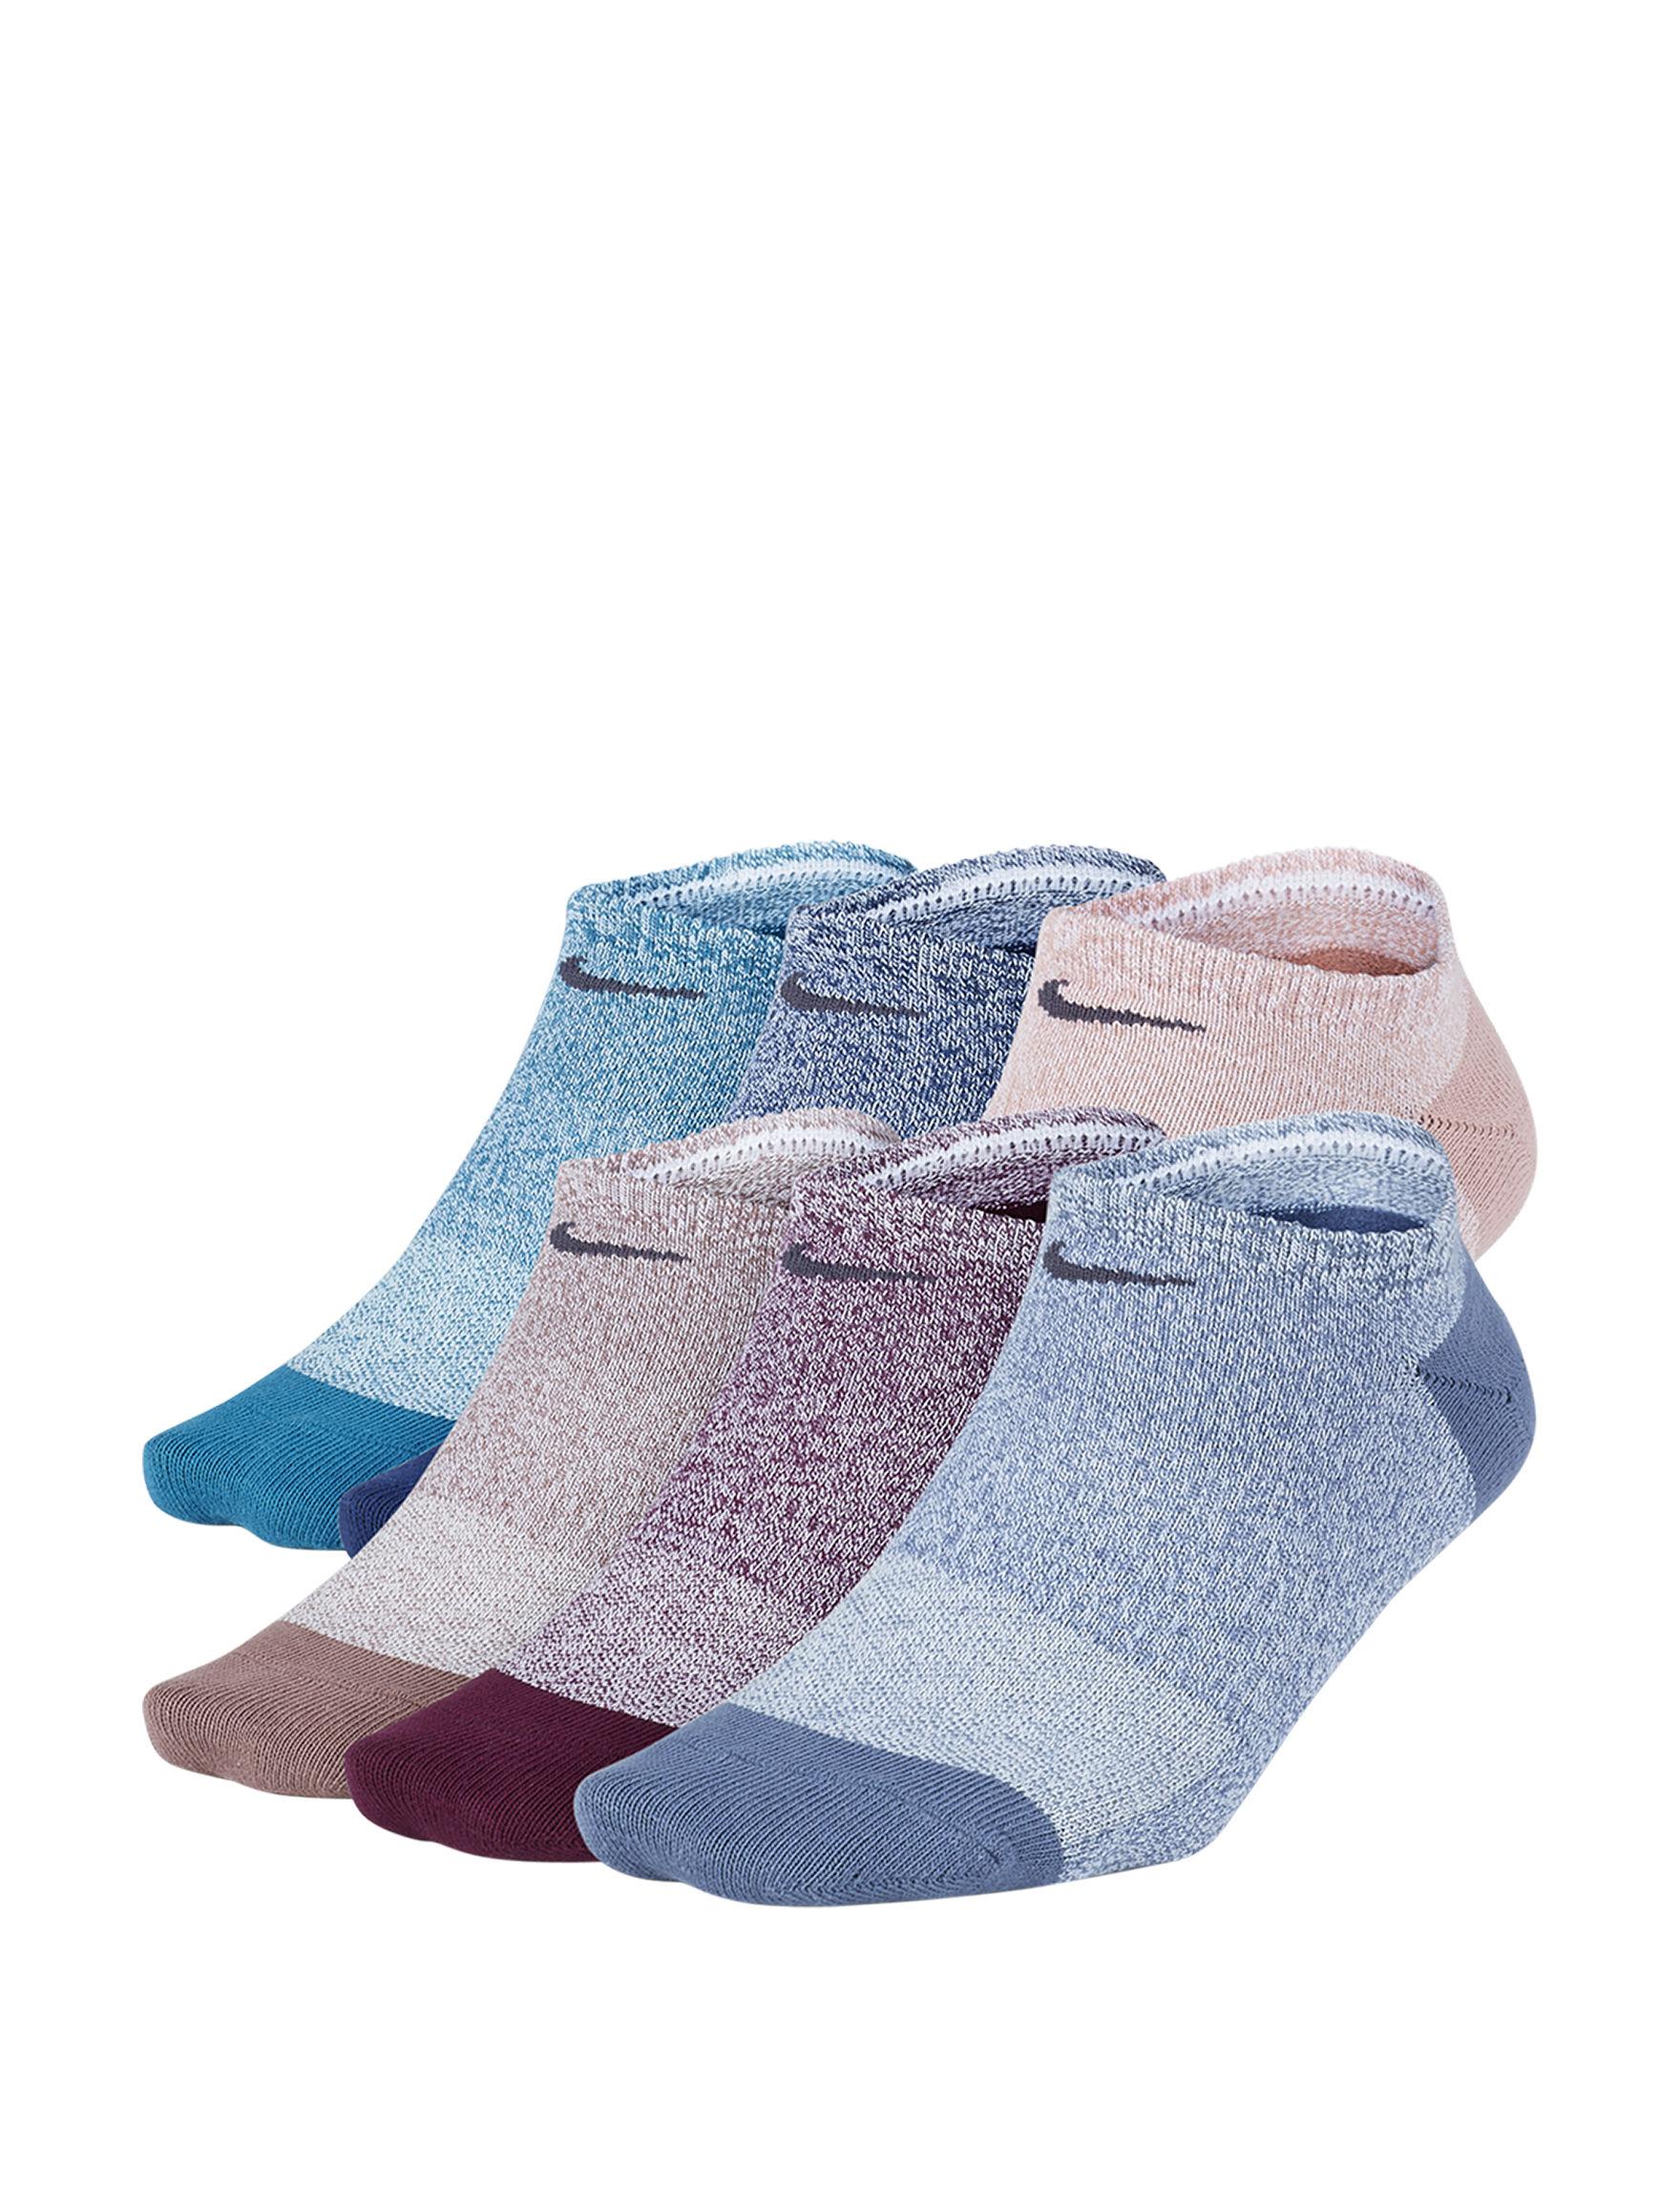 Nike Blue Multi Socks